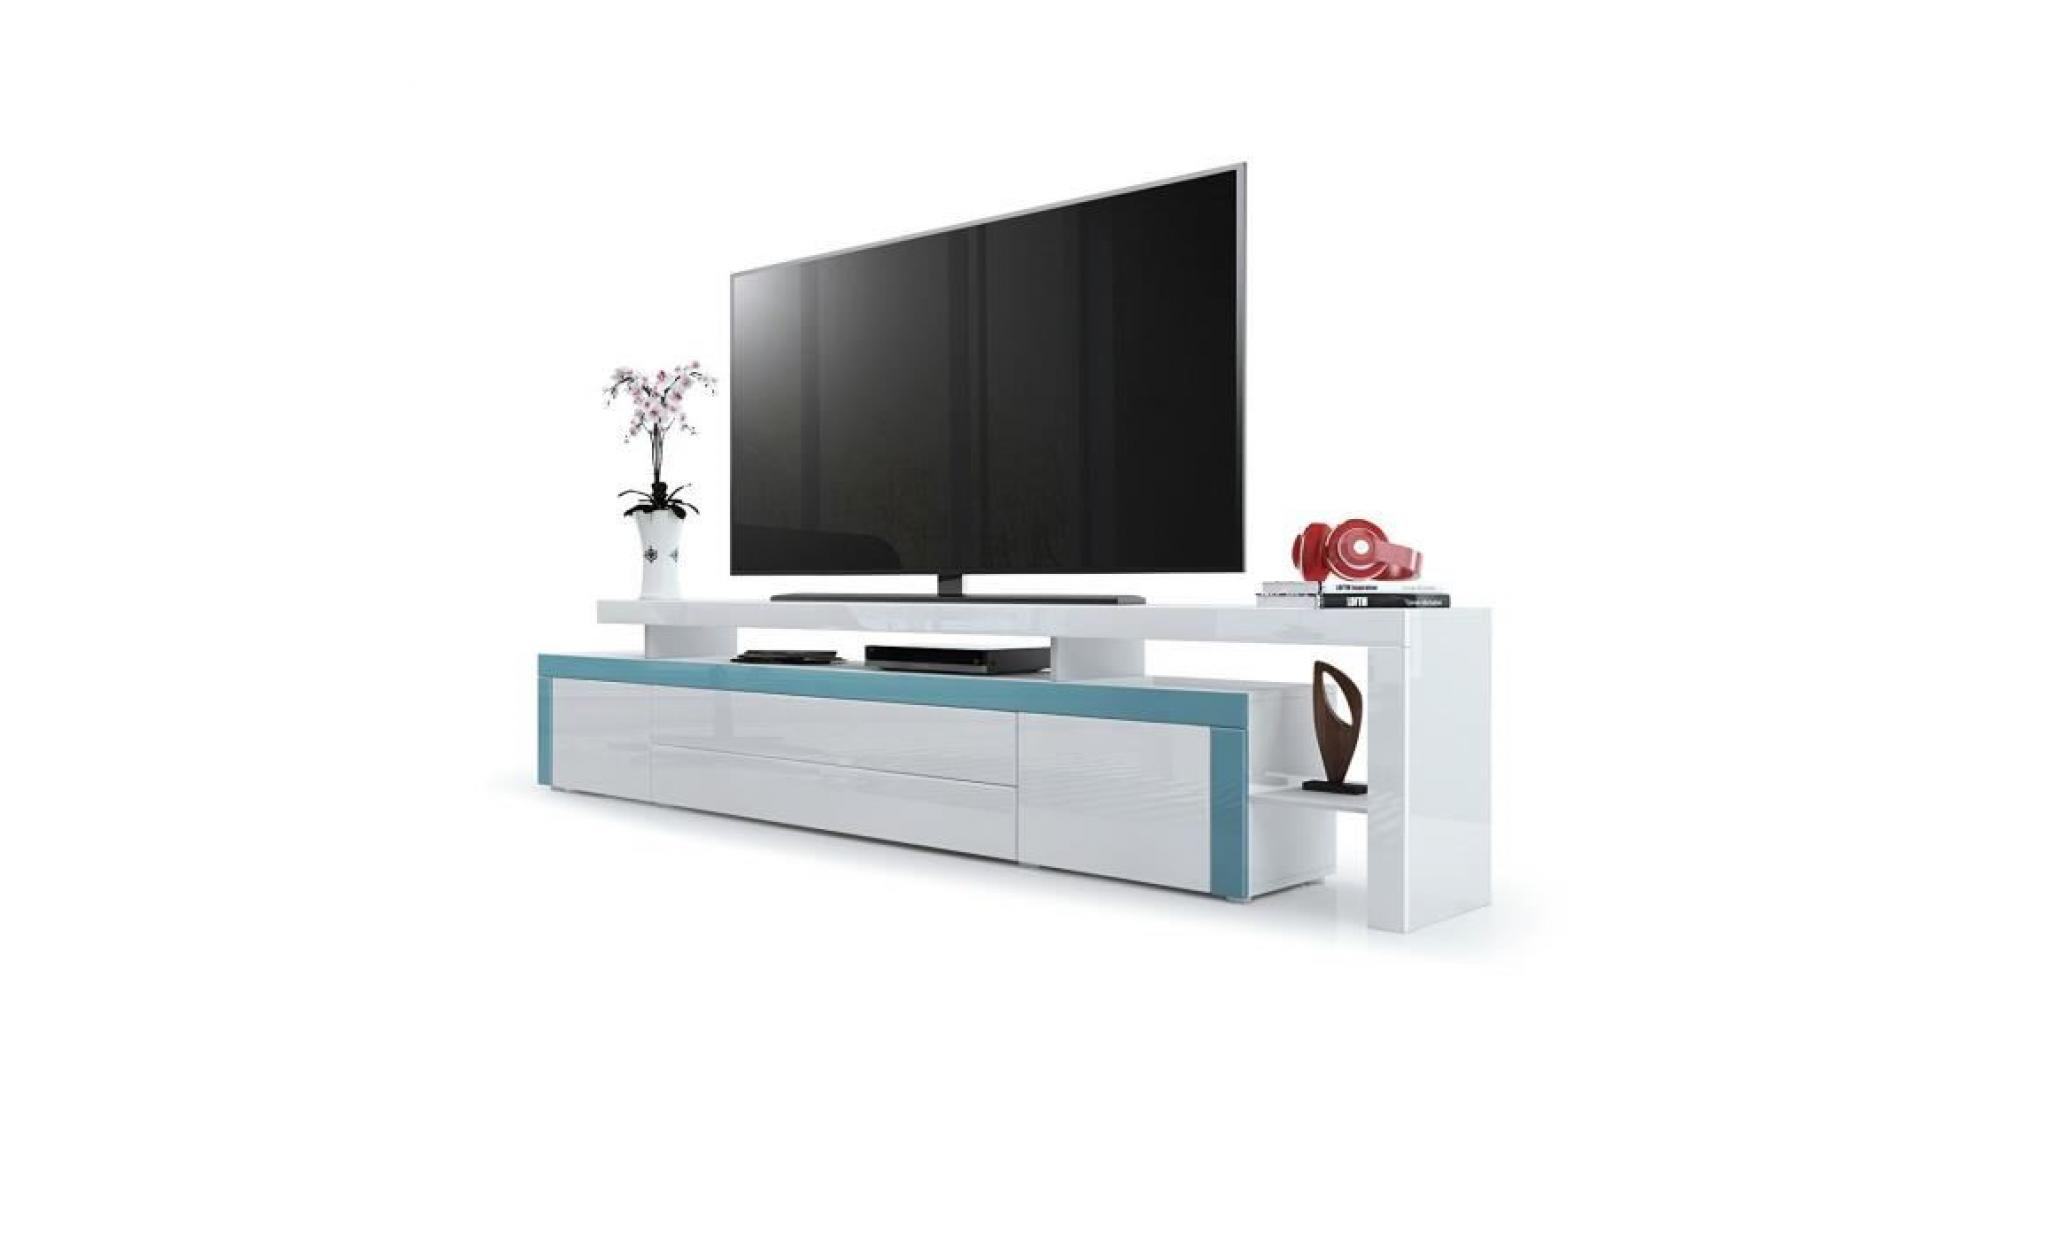 Meuble Tv Turquoise Blanc Laque 227 Cm Achat Vente Meuble Tv Pas Cher Couleur Et Design Fr